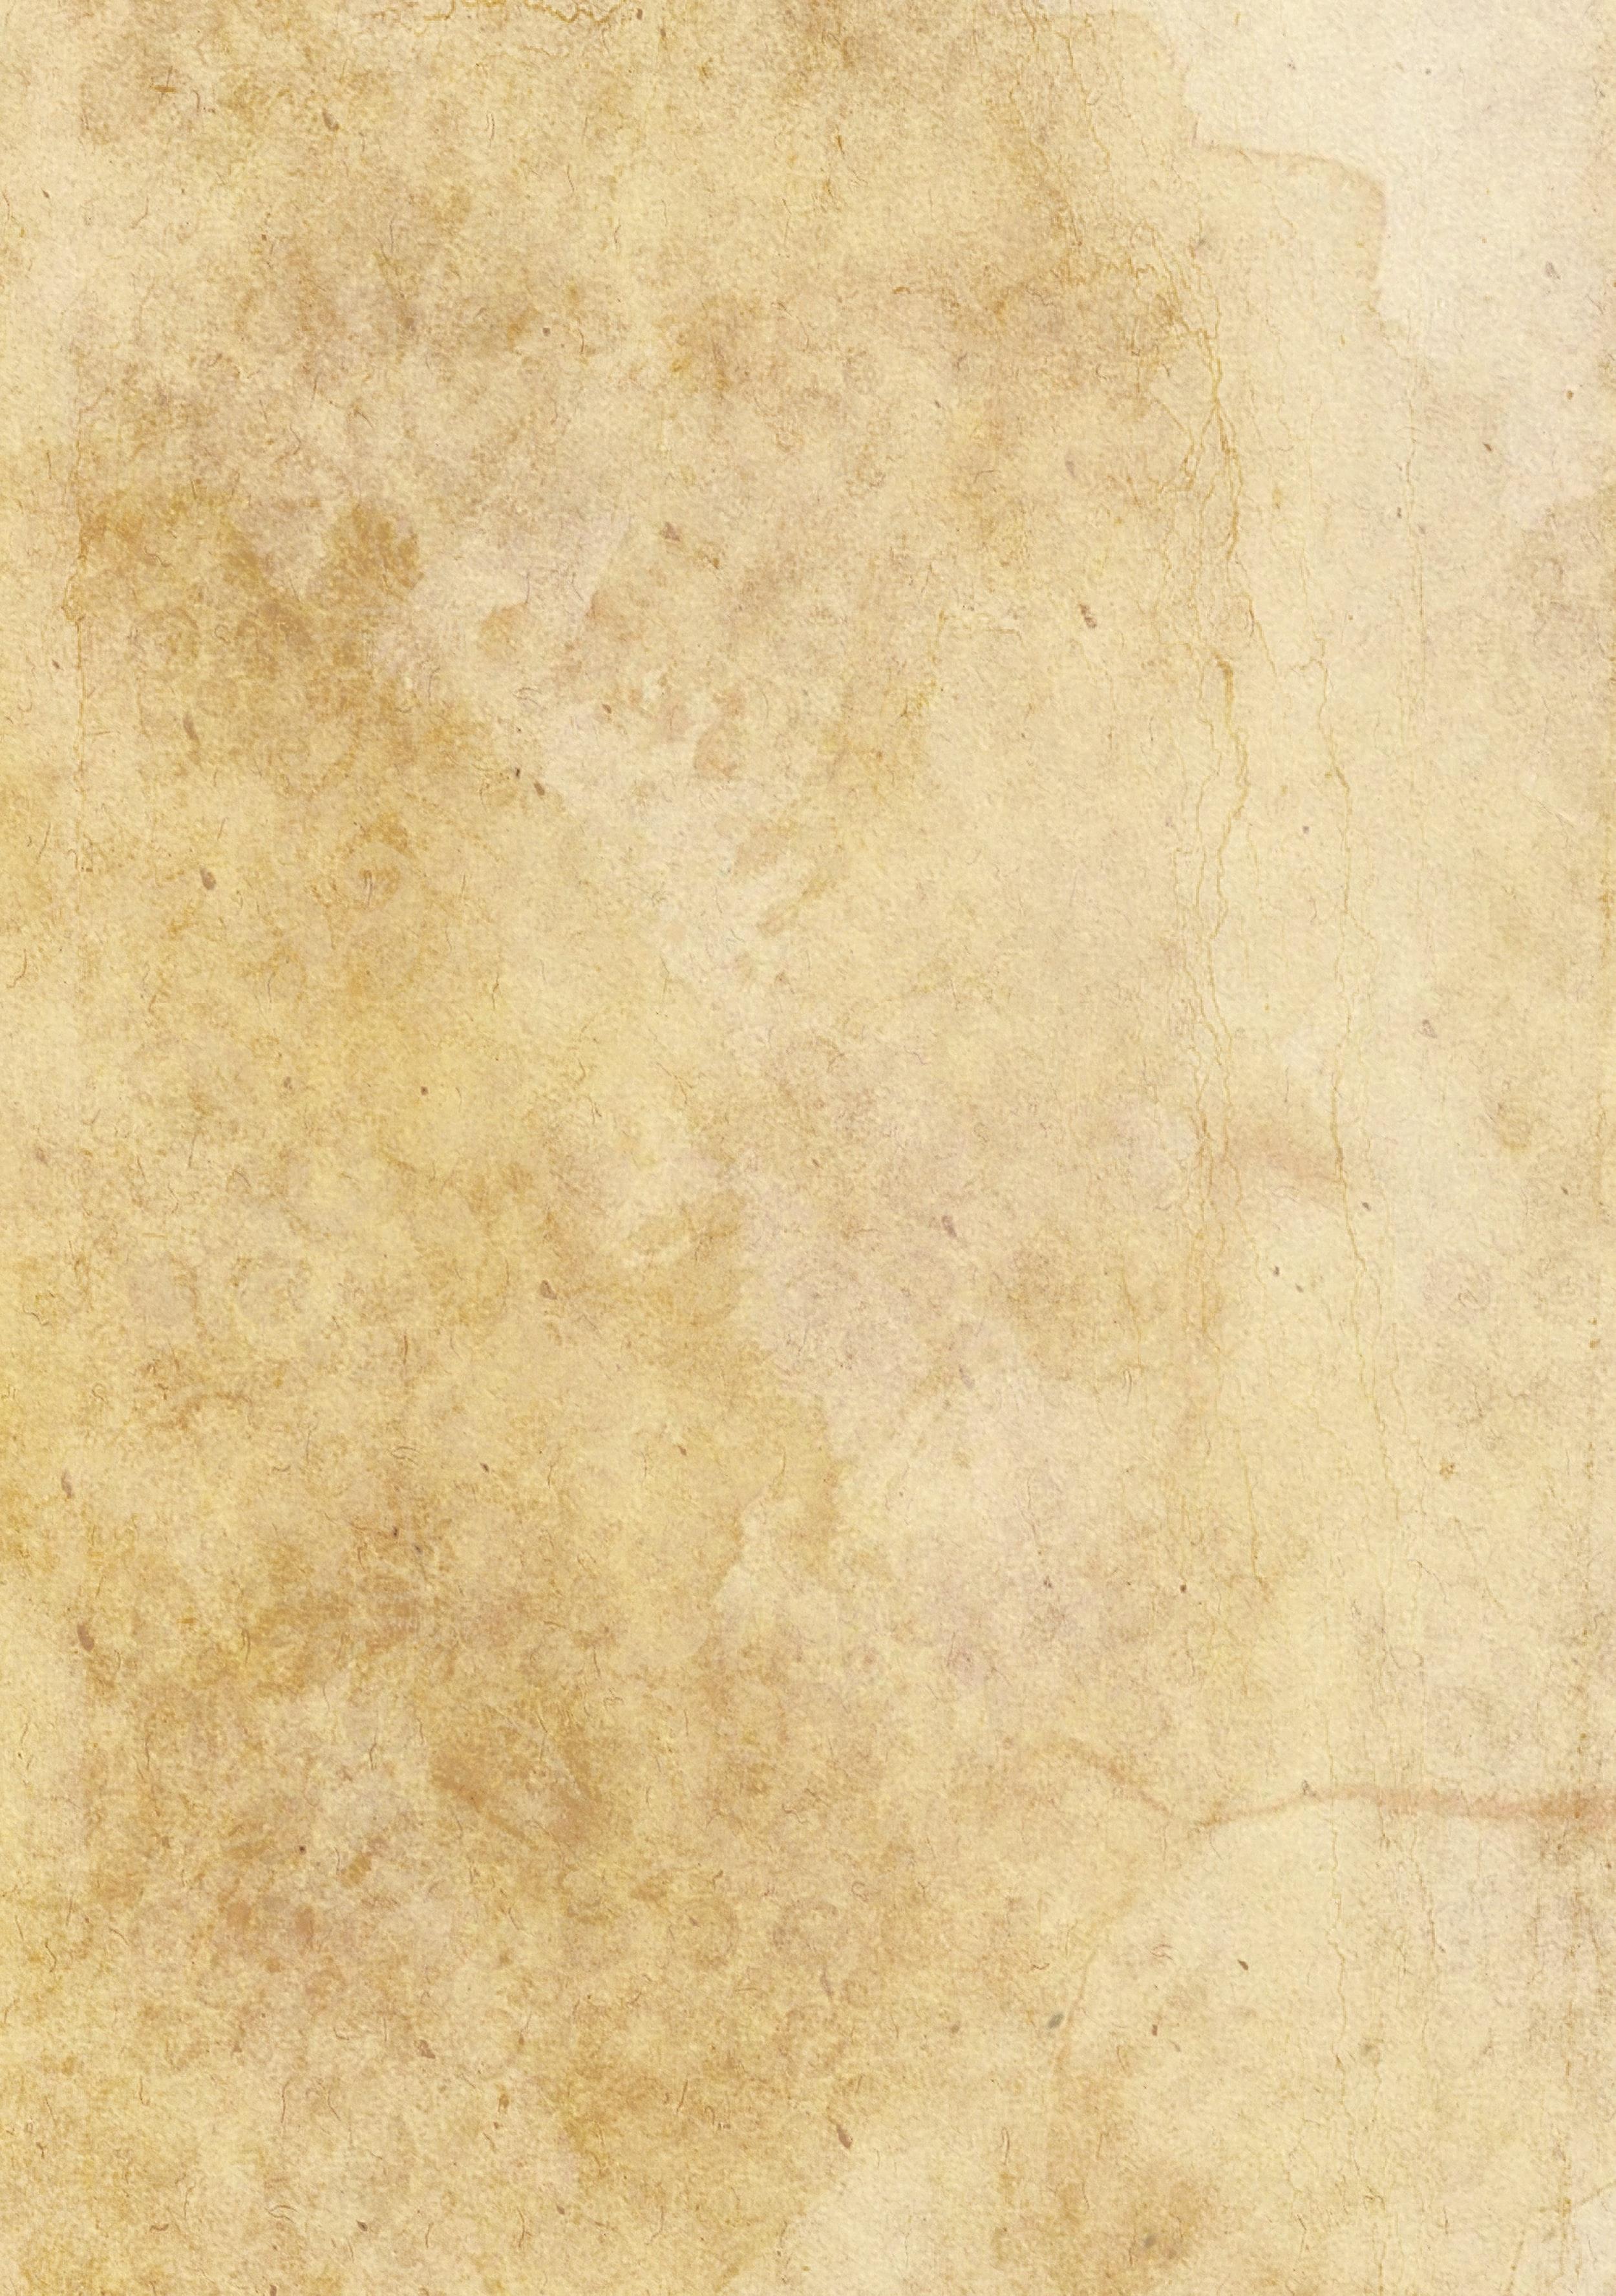 91484 Hintergrundbild herunterladen Papier, Textur, Texturen, Beige - Bildschirmschoner und Bilder kostenlos